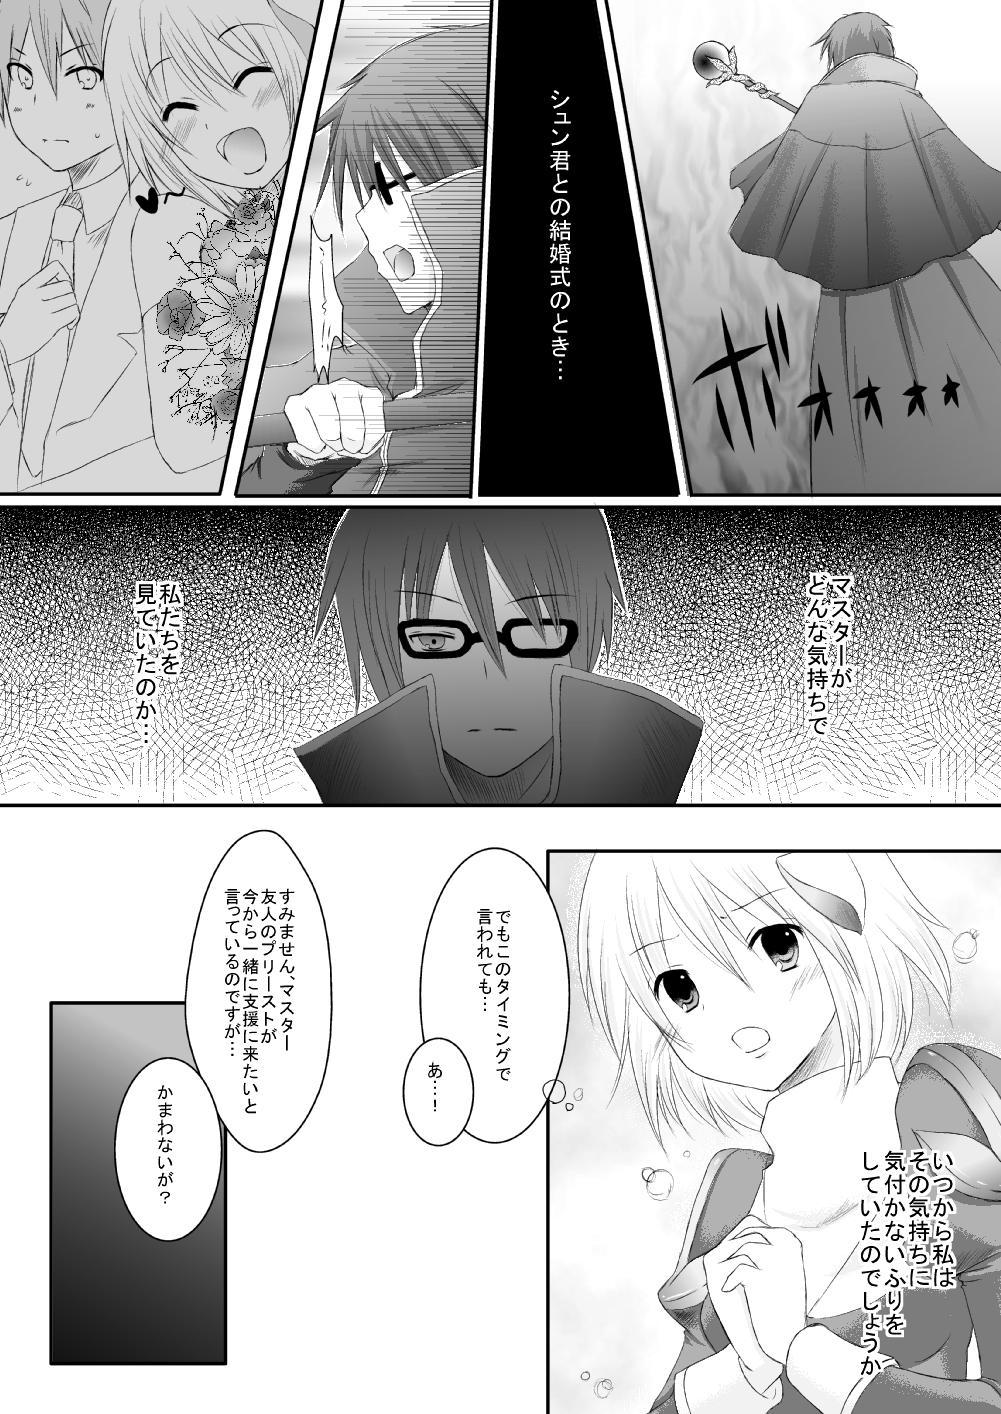 ラ○ナロク素プリ寝取られ本総集編 87